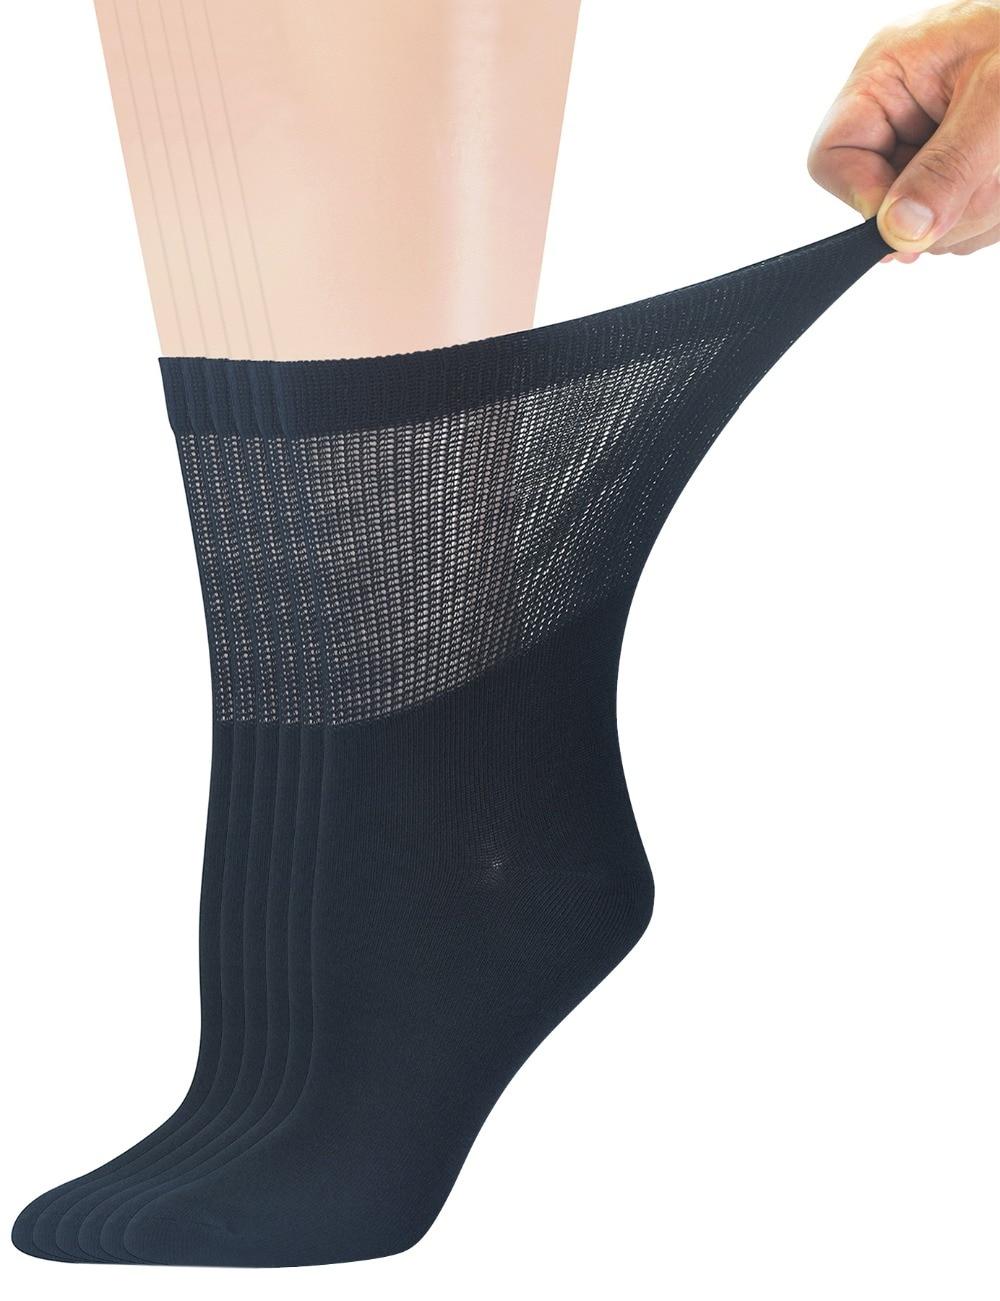 Женские бамбуковые диабетические короткие носки с бесшовным носком, 6 пар, Размер 9-11